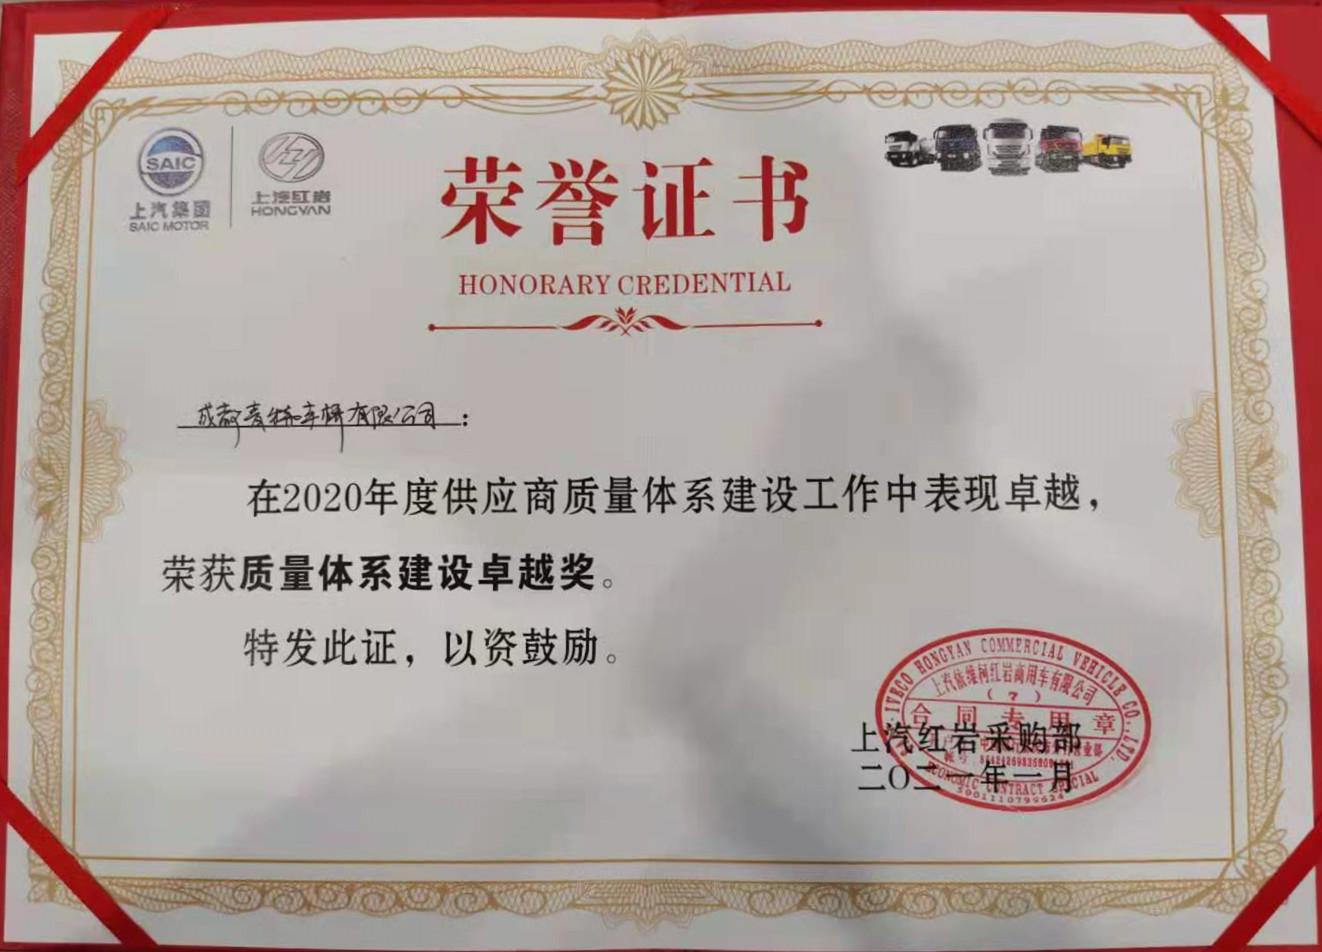 """青特集团获 """"上汽红岩""""2020年度""""质量体系建设卓越奖"""""""